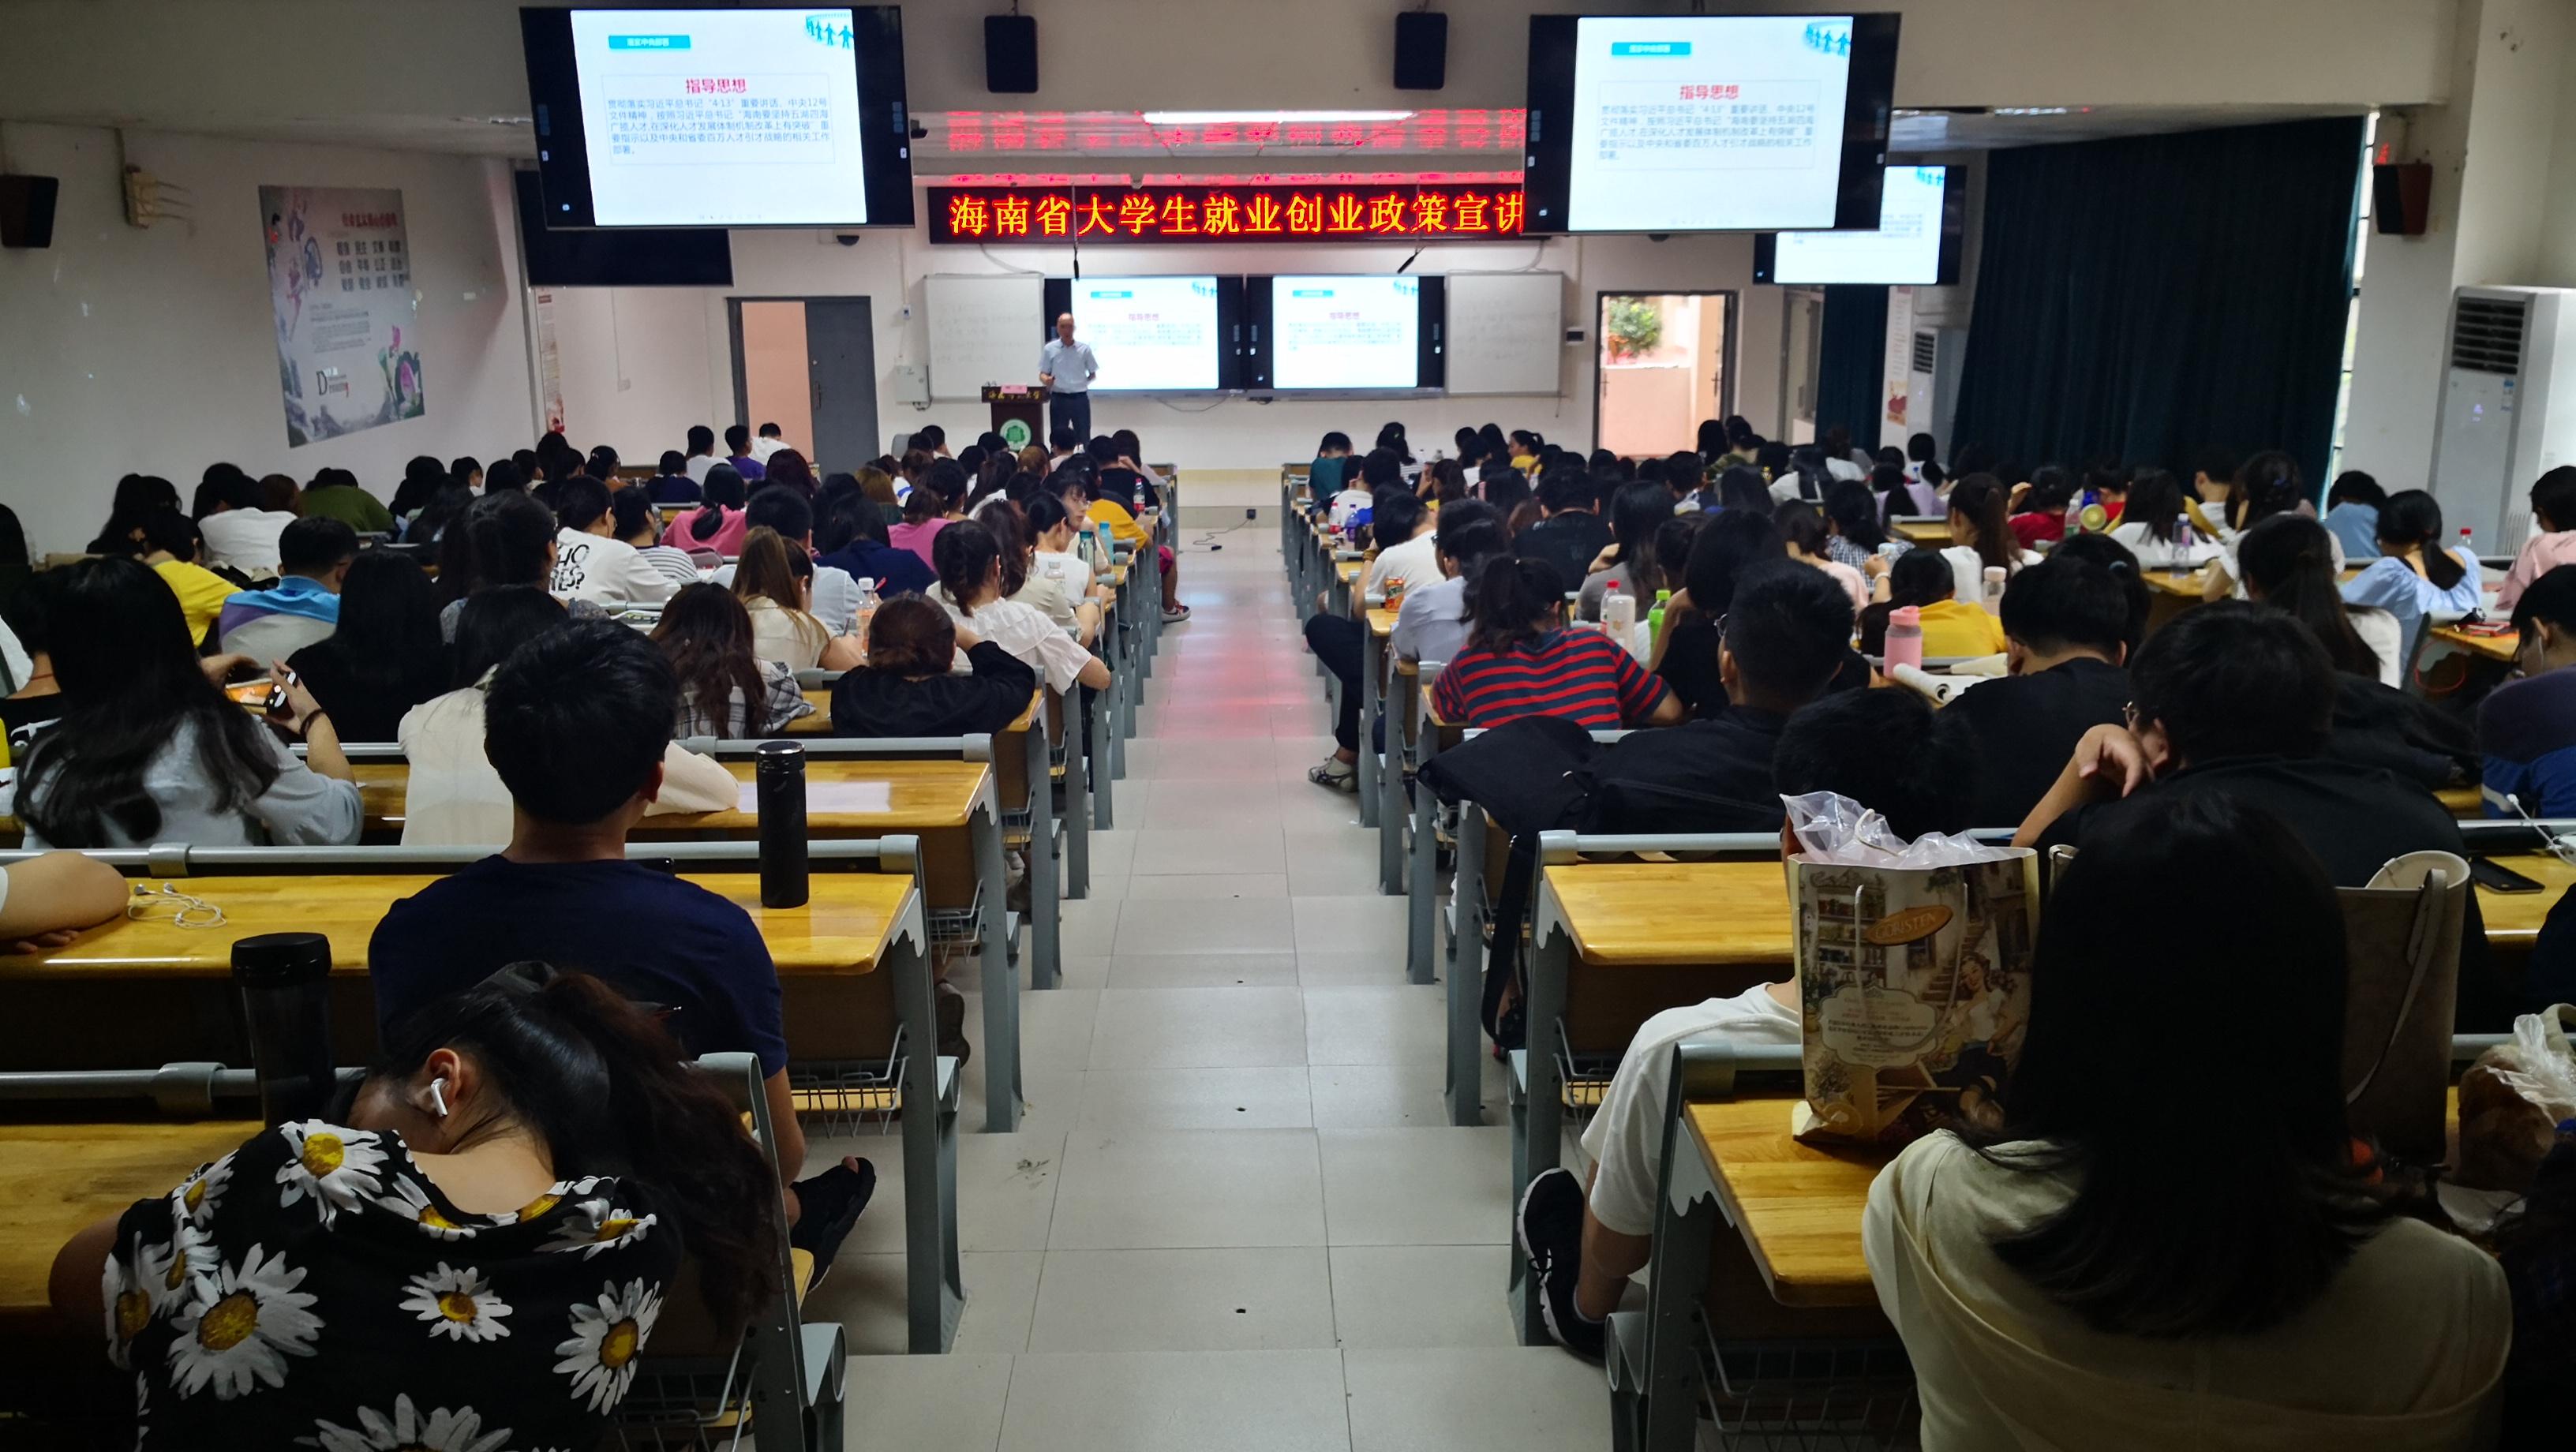 5.6下午 海南省大学生就业创业政策.jpg